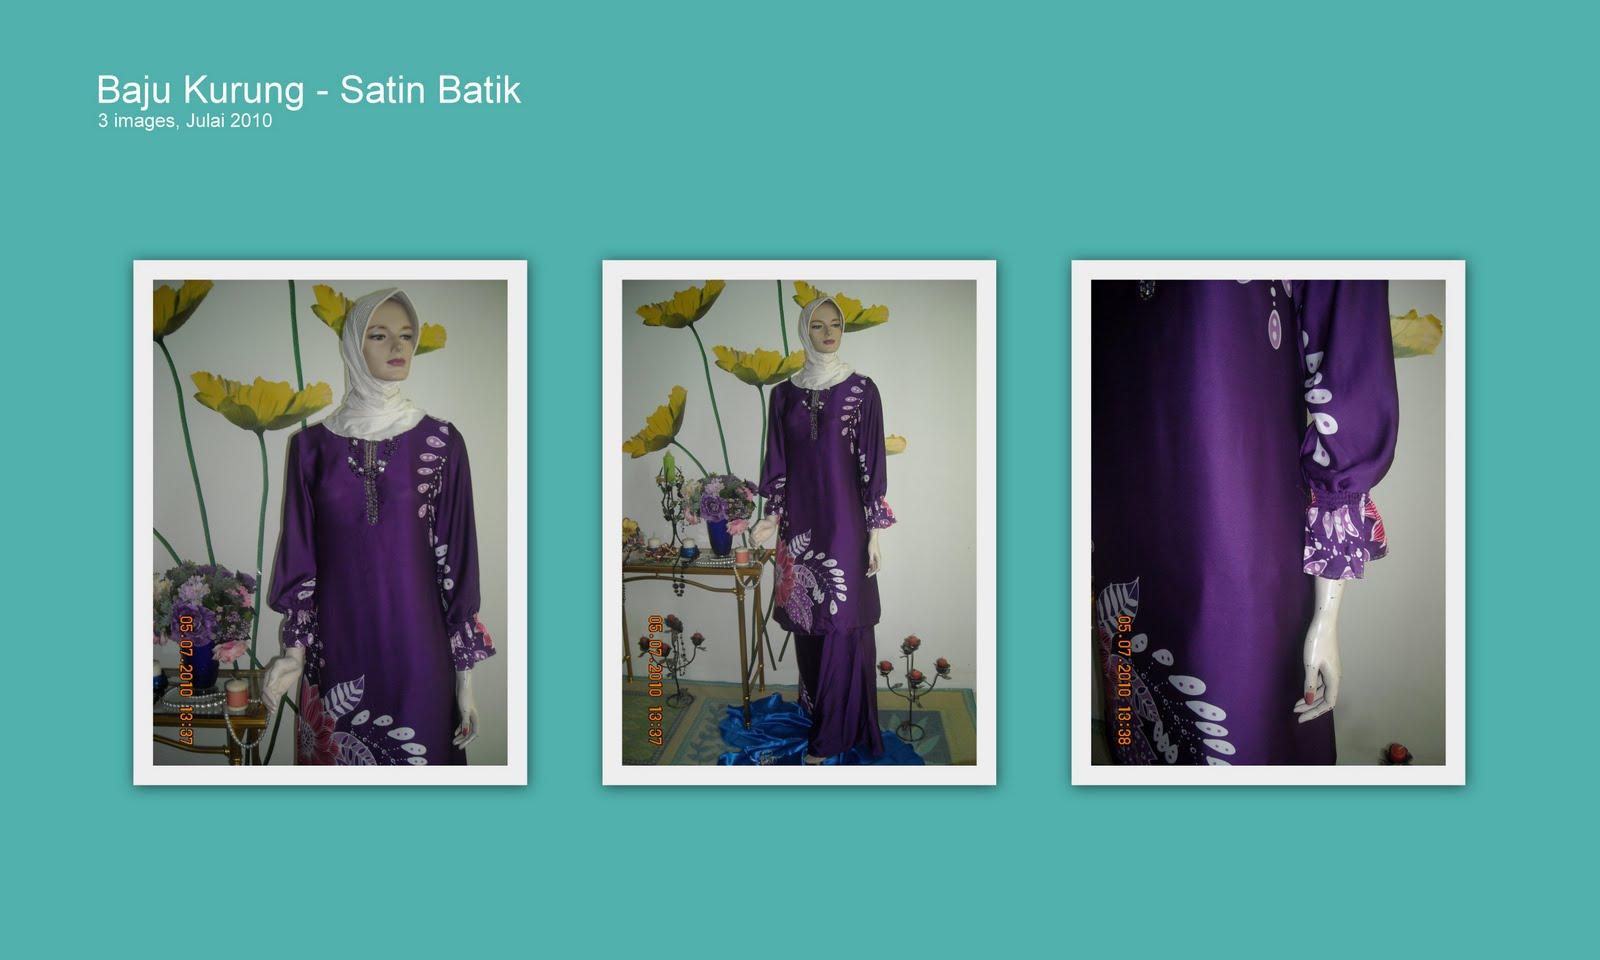 Gambar Awek Baju Kurung Satin Scare666com